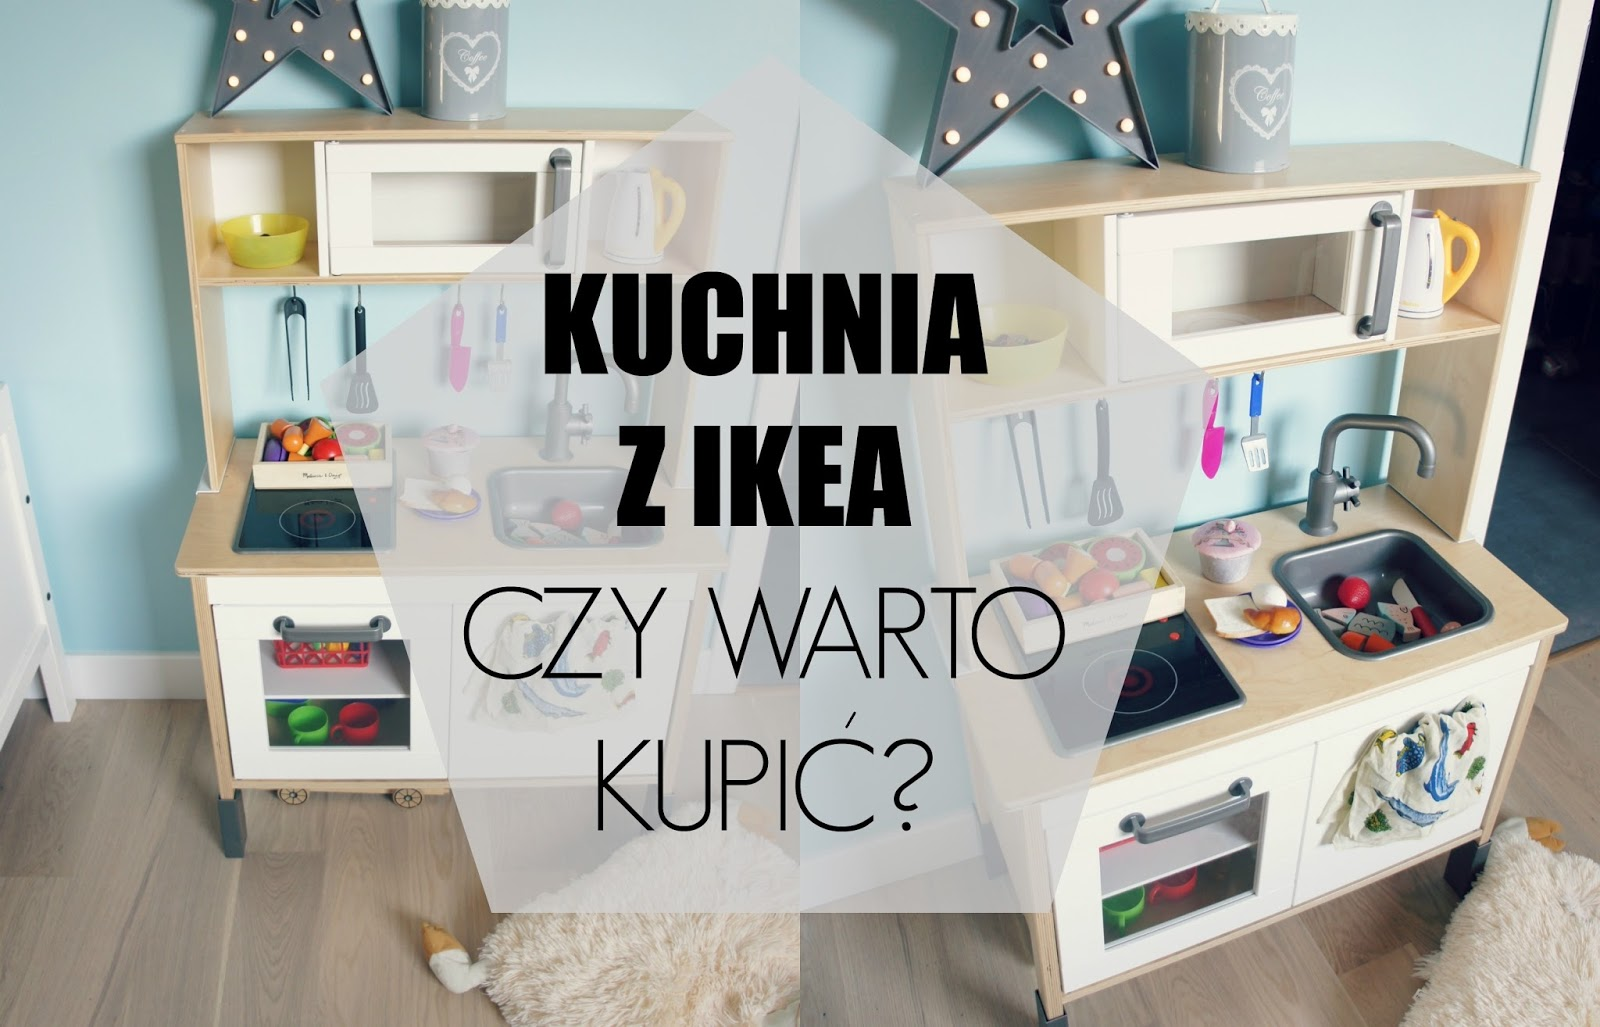 Zabawkowa kuchnia Duktig z Ikea  czy warto kupić? Moja   -> Kuchnia Dla Dzieci Ikea Opinie